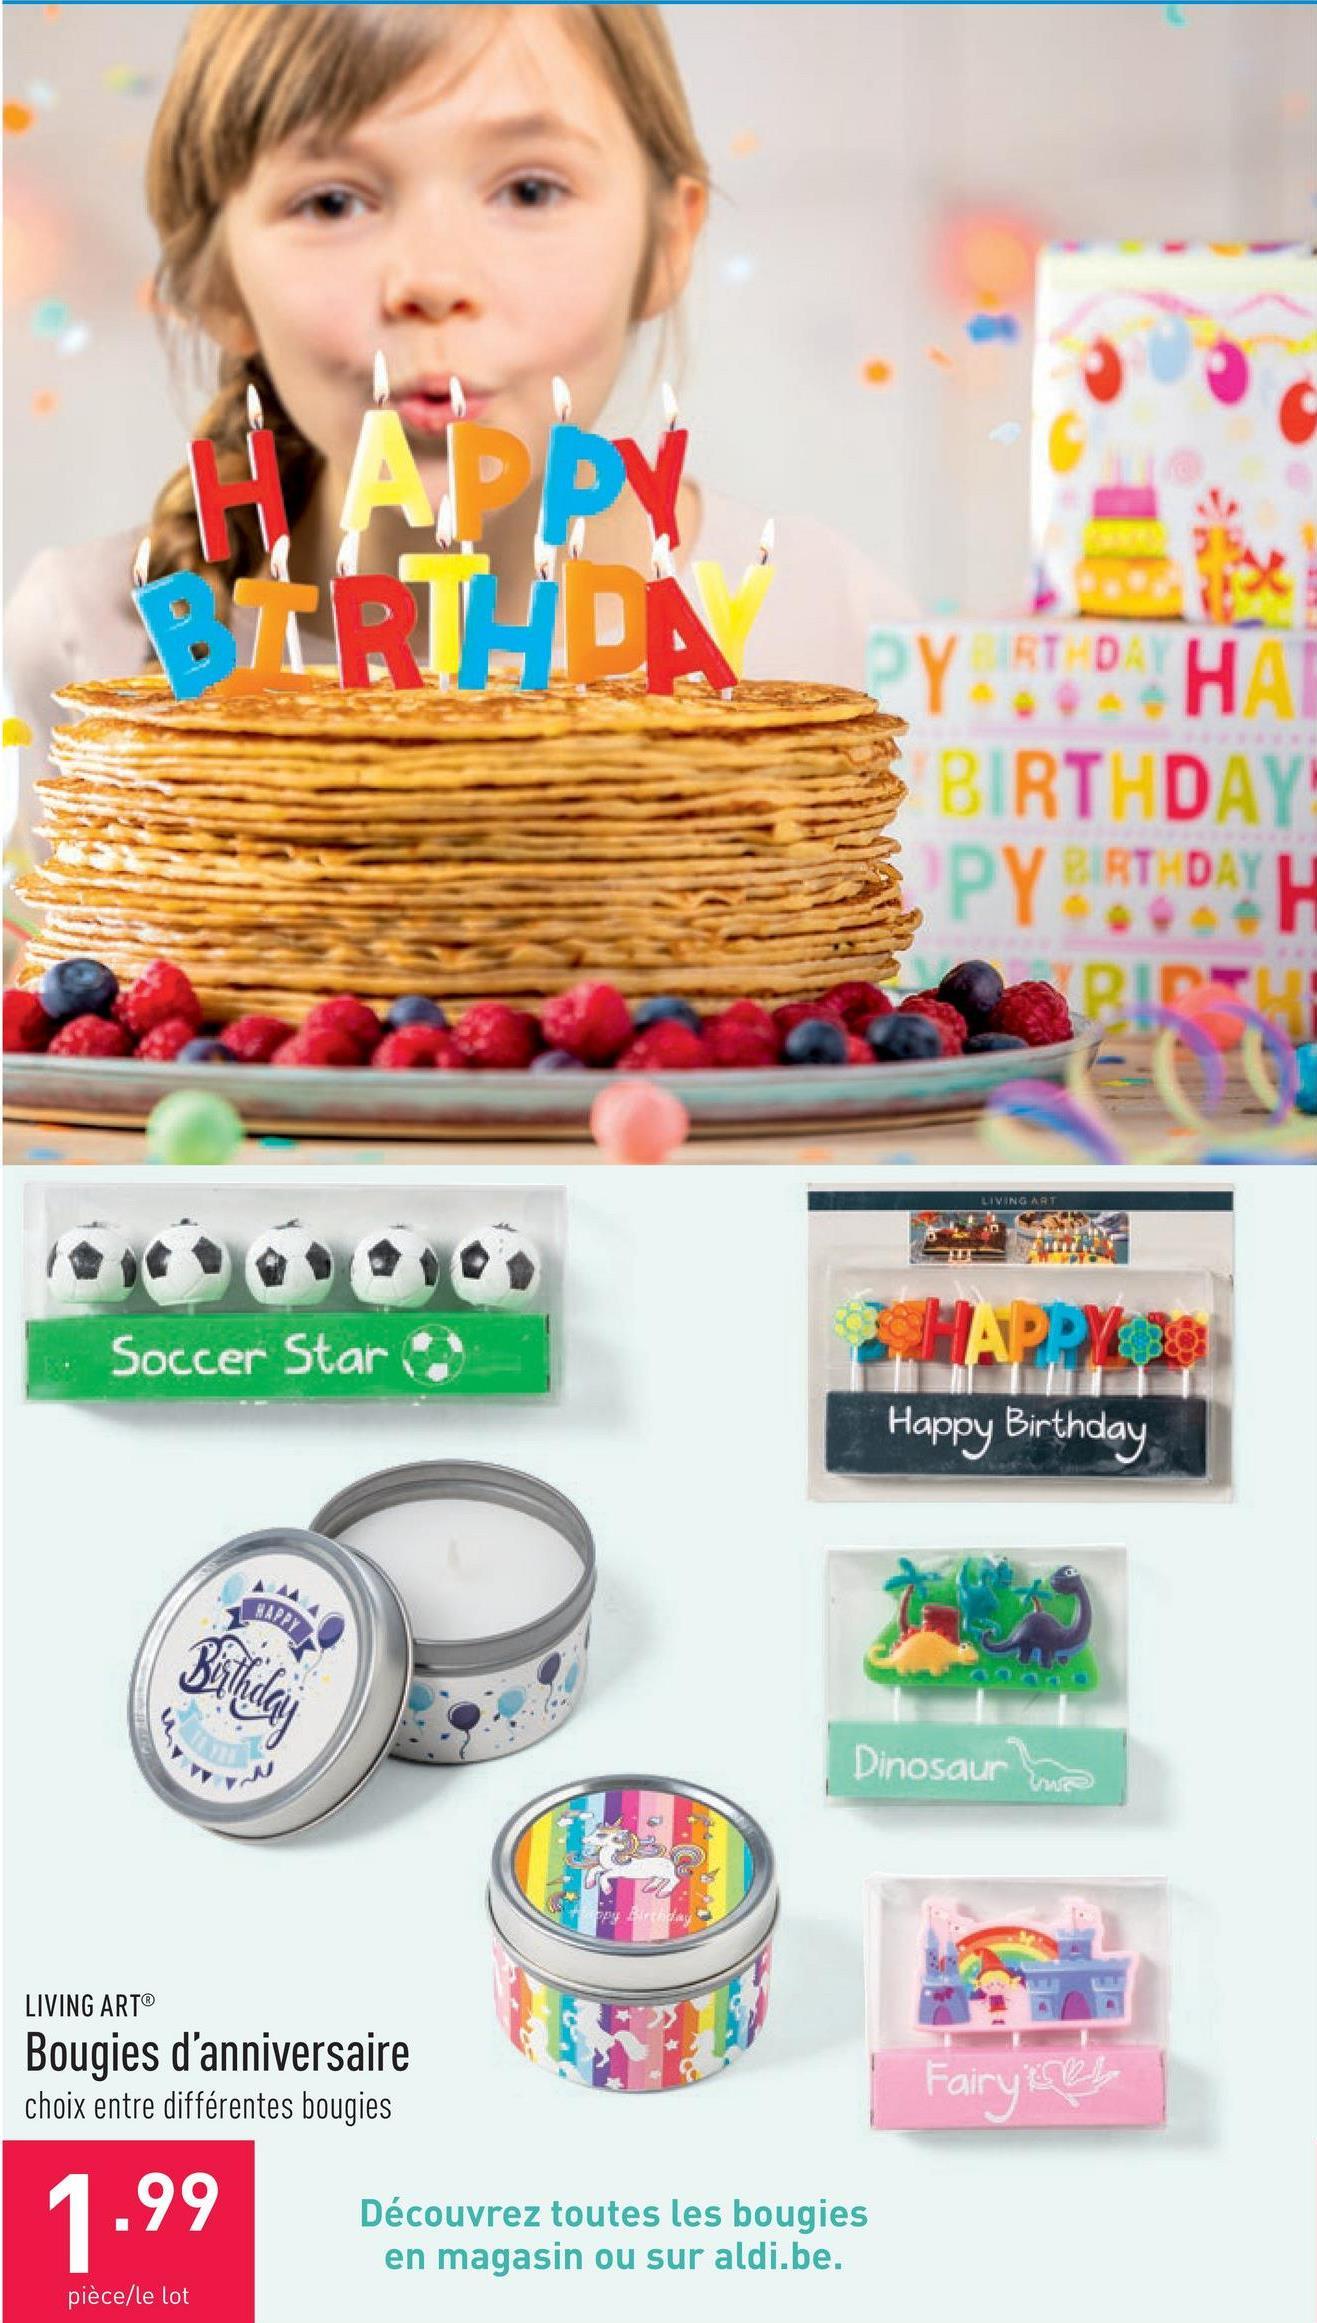 Bougies d'anniversaire choix entre différentes bougies